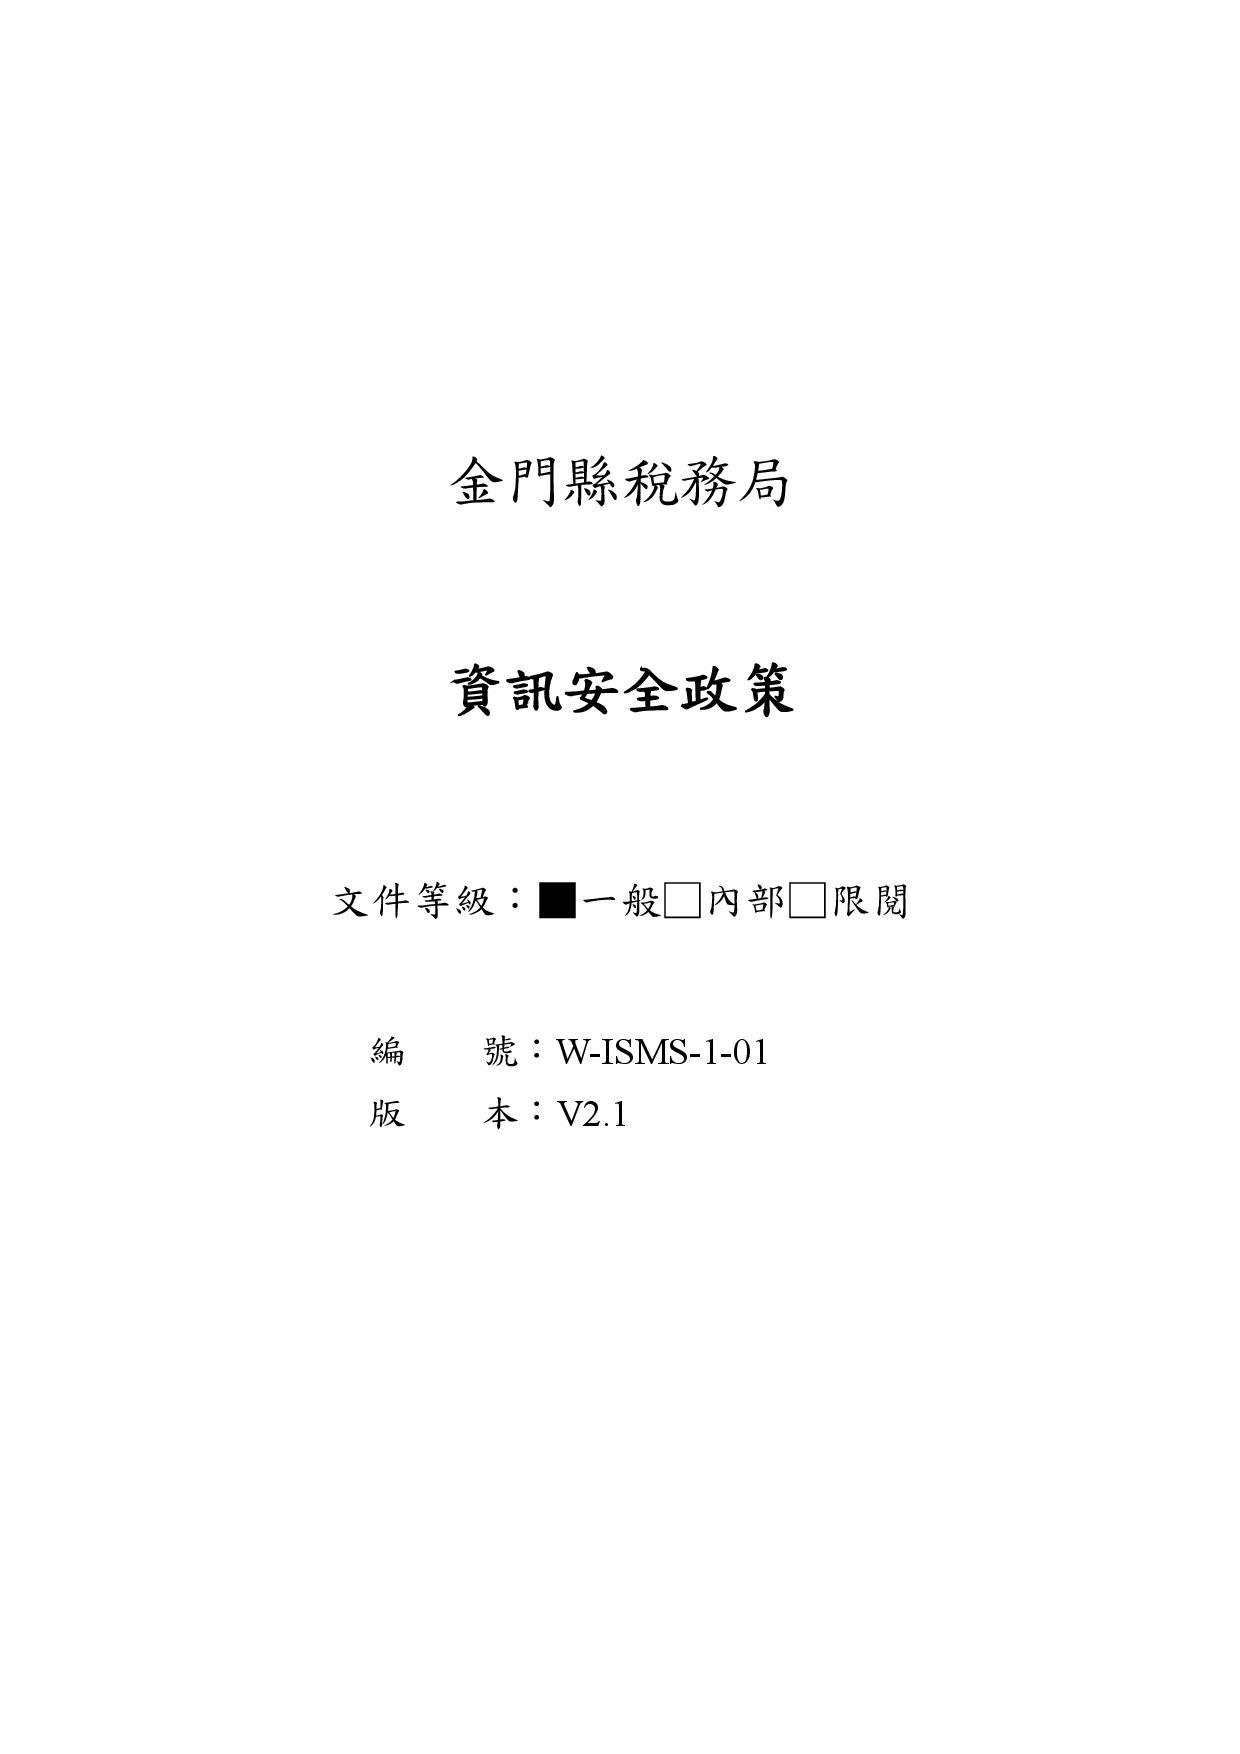 W-ISMS-1-01資訊安全政策-1080719-V2.1